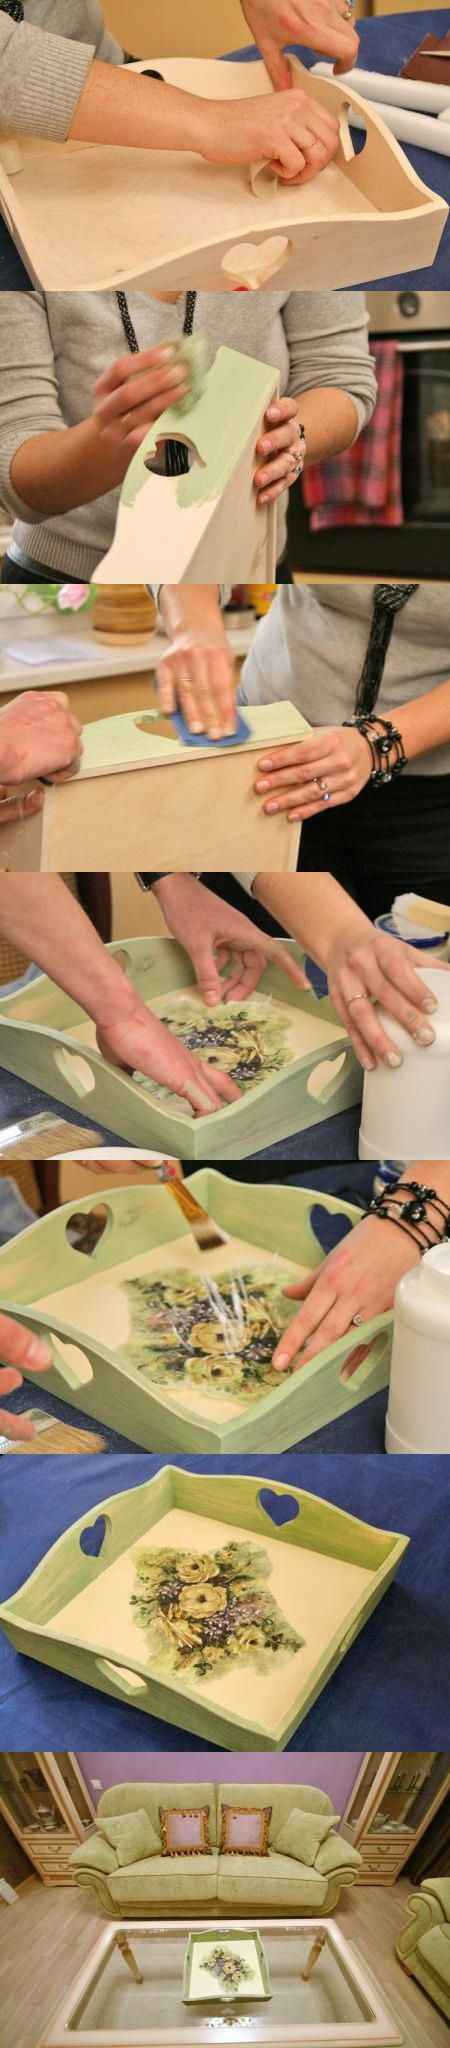 Декупаж - Сайт любителей декупажа - DCPG.RU | Декорируем поднос декупажной картой decoupage art handmade home decor craft tutorial DIY do it yourself